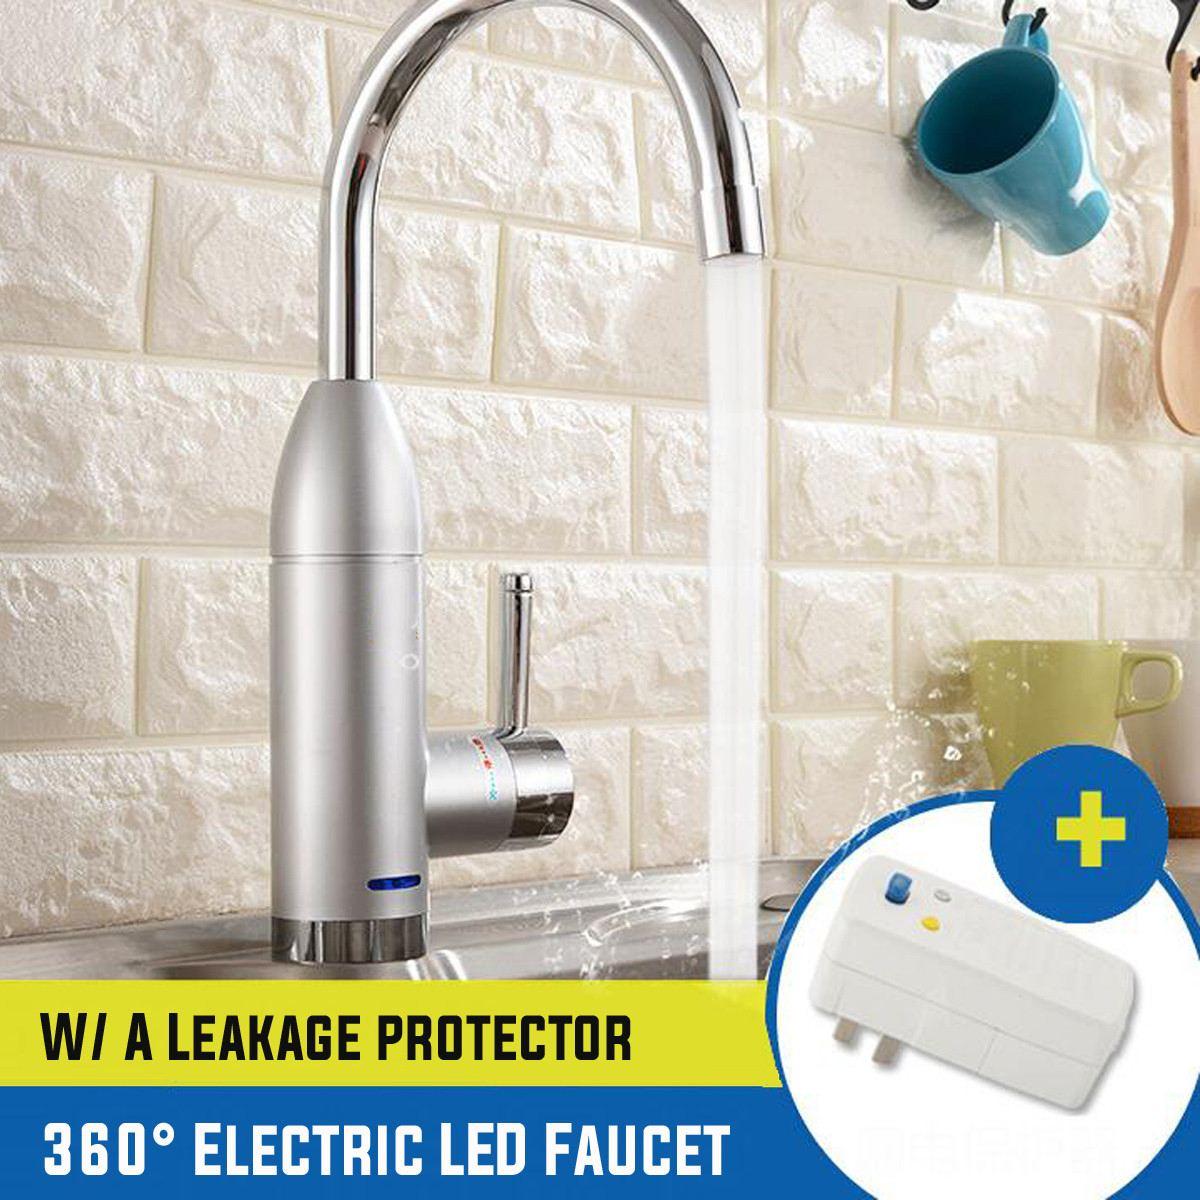 220V 3000W LED affichage instantané électrique chauffe-eau robinet maison cuisine bain 360 degrés chaud et froid mélangeur robinet chauffe-eau